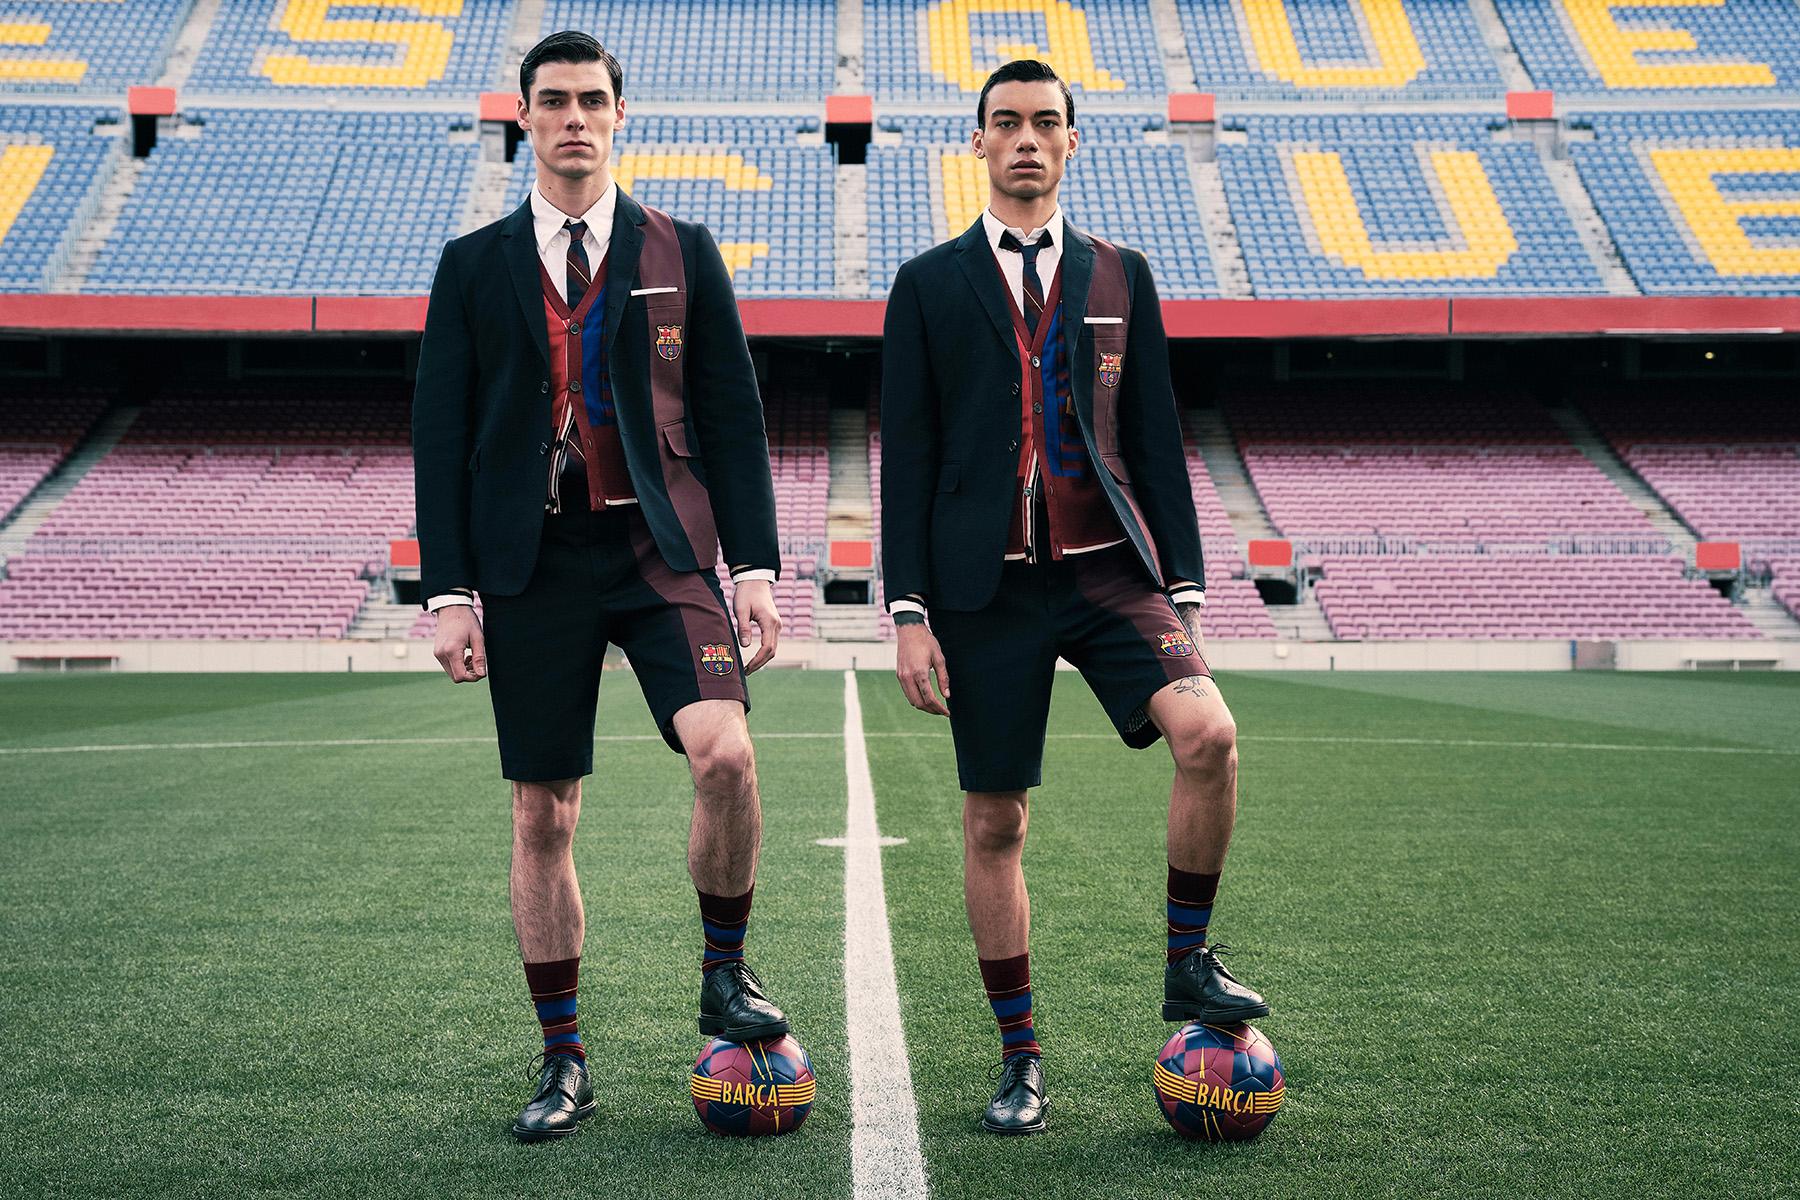 Thom Browne et Barcelone dévoilent une collab' surprenante